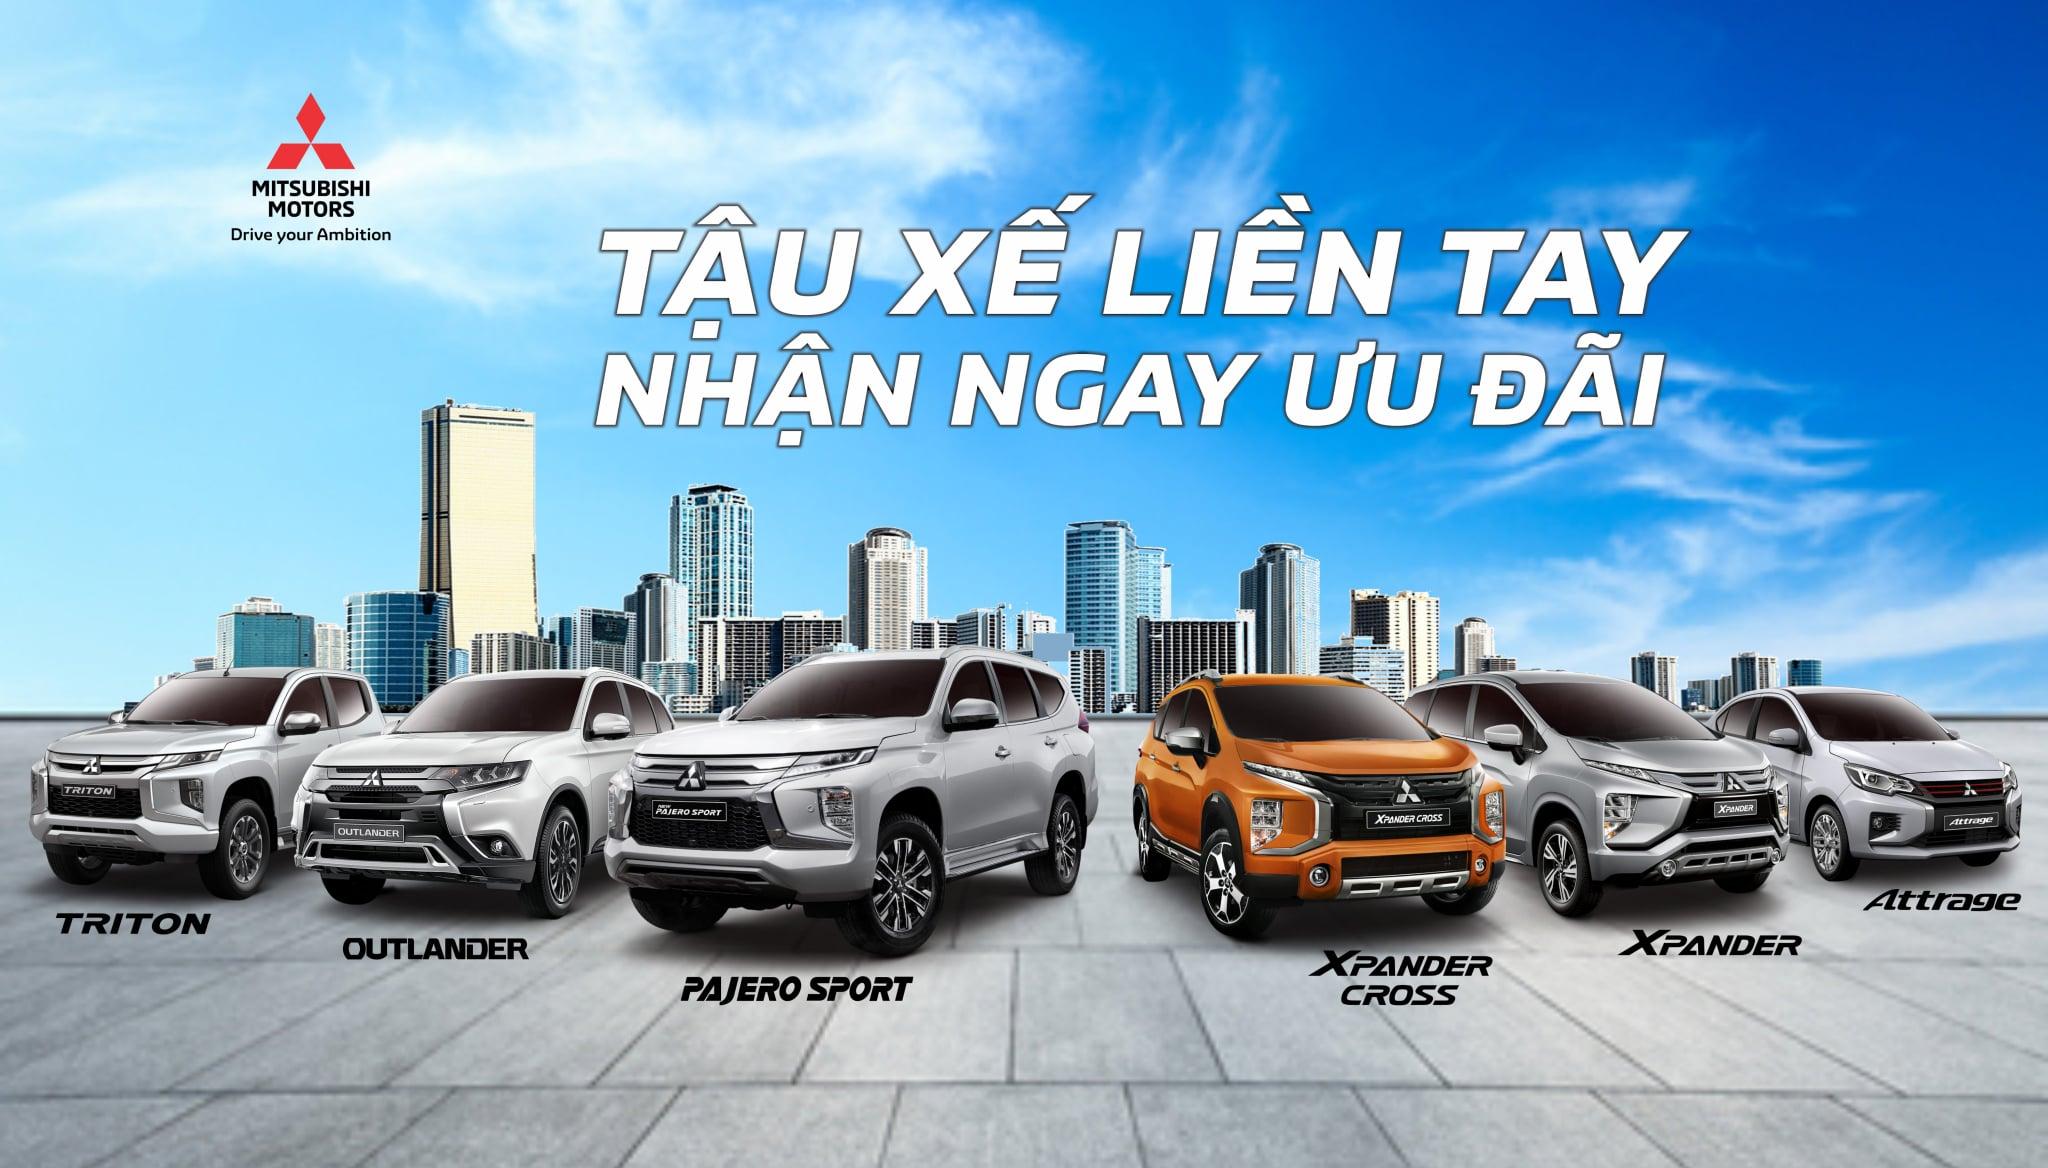 Mitsubishi Phú Thọ áp dụng chương trình giảm giá xe và tặng 50% lệ phí trước bạ cho khách hàng